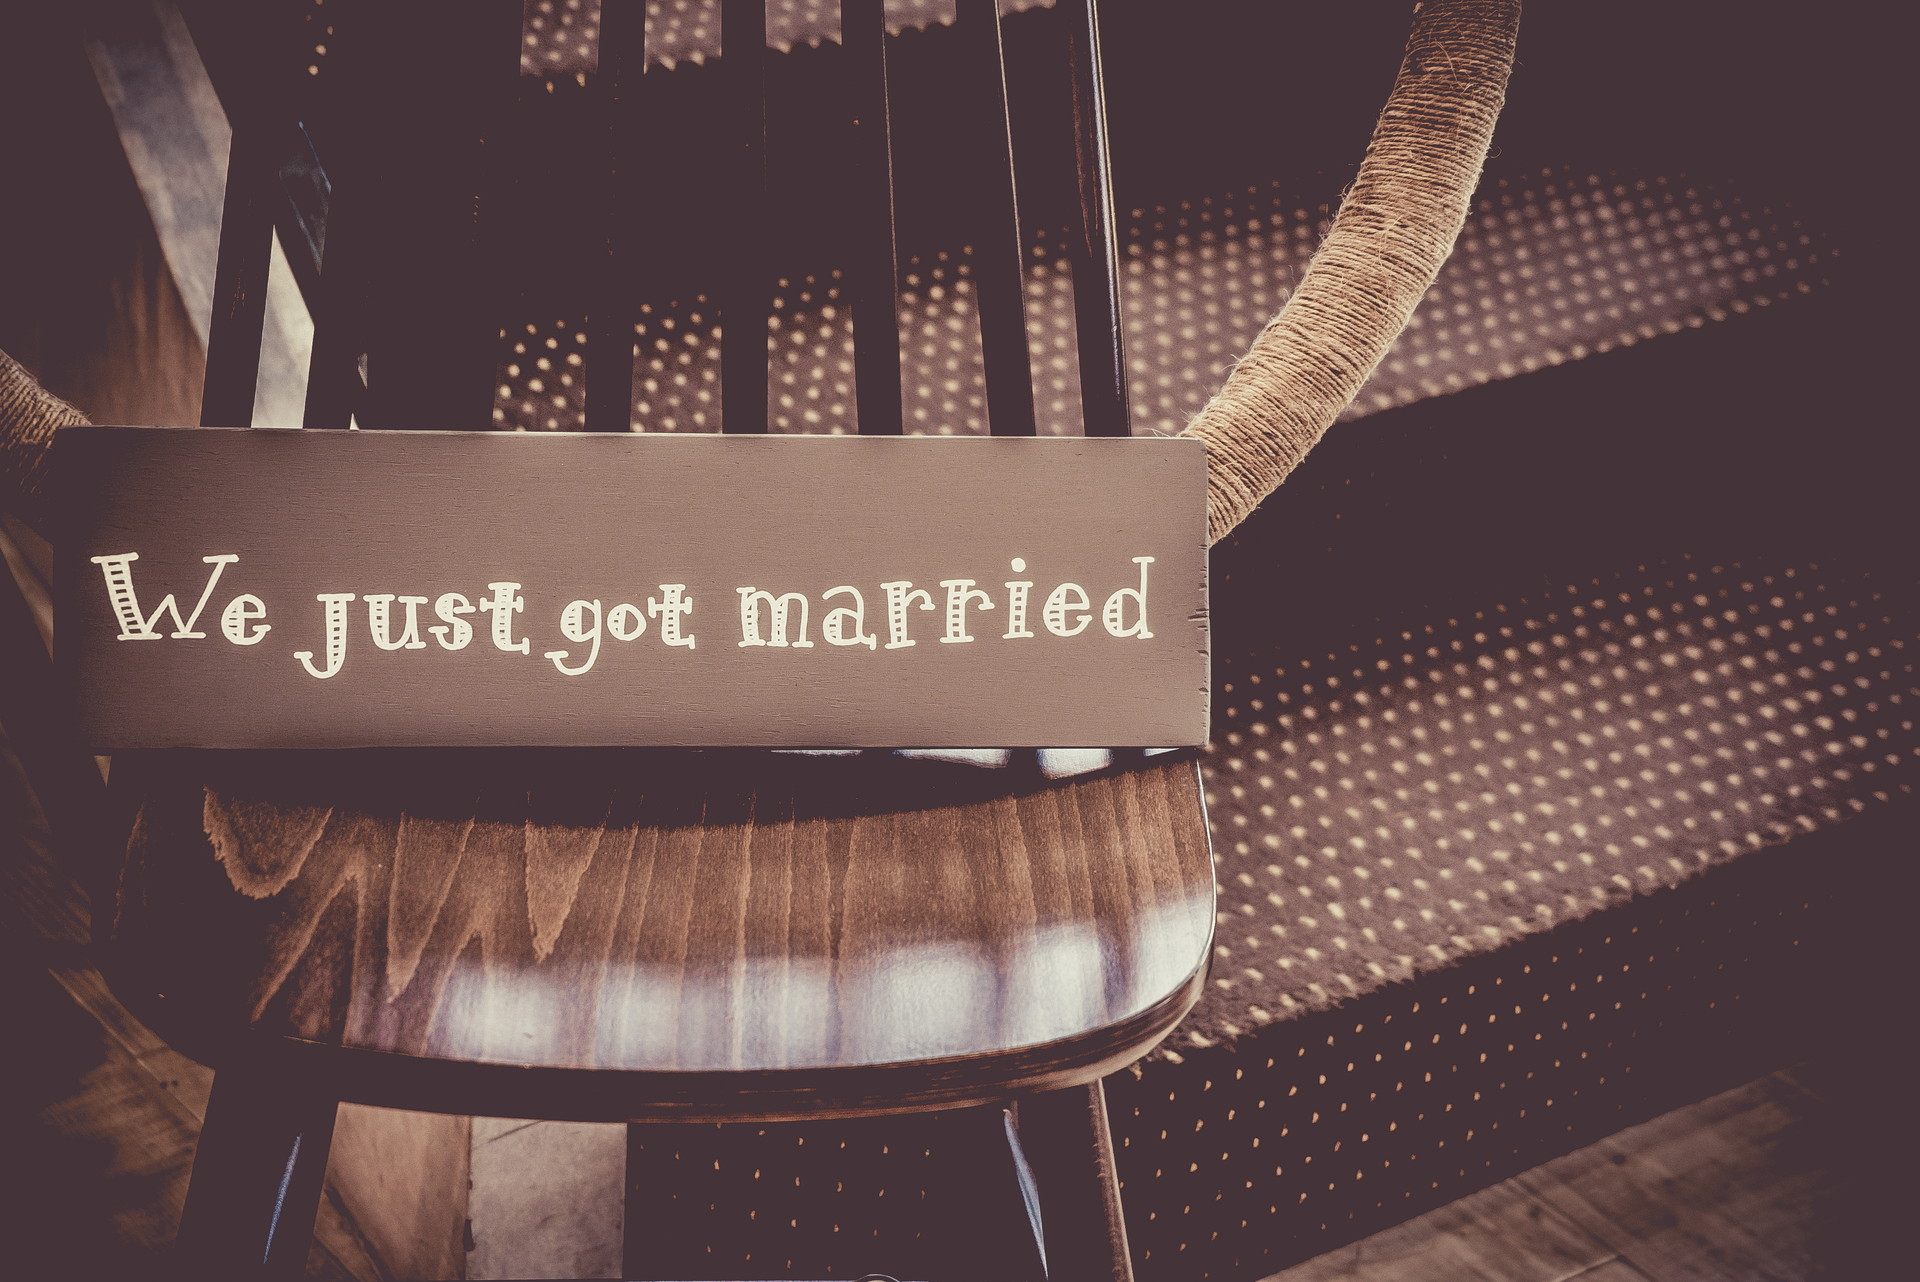 結婚式に招待されたらご祝儀の金額はどうする? アイキャッチ